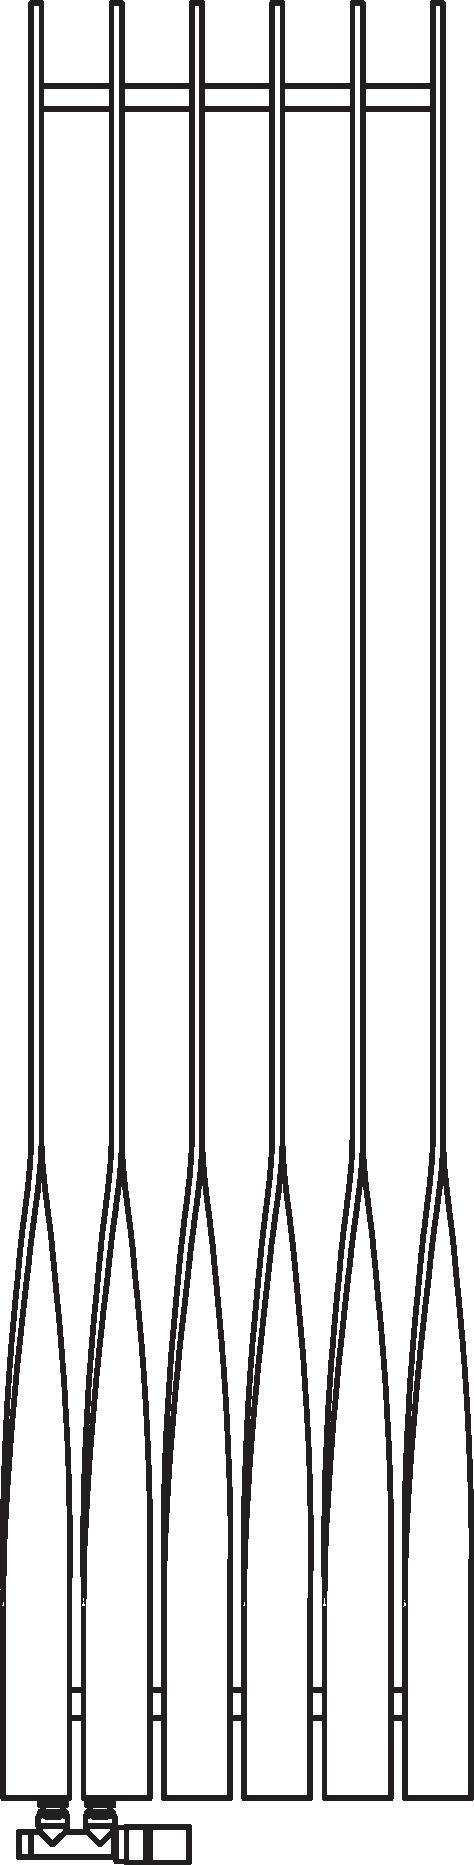 size: 1900x495